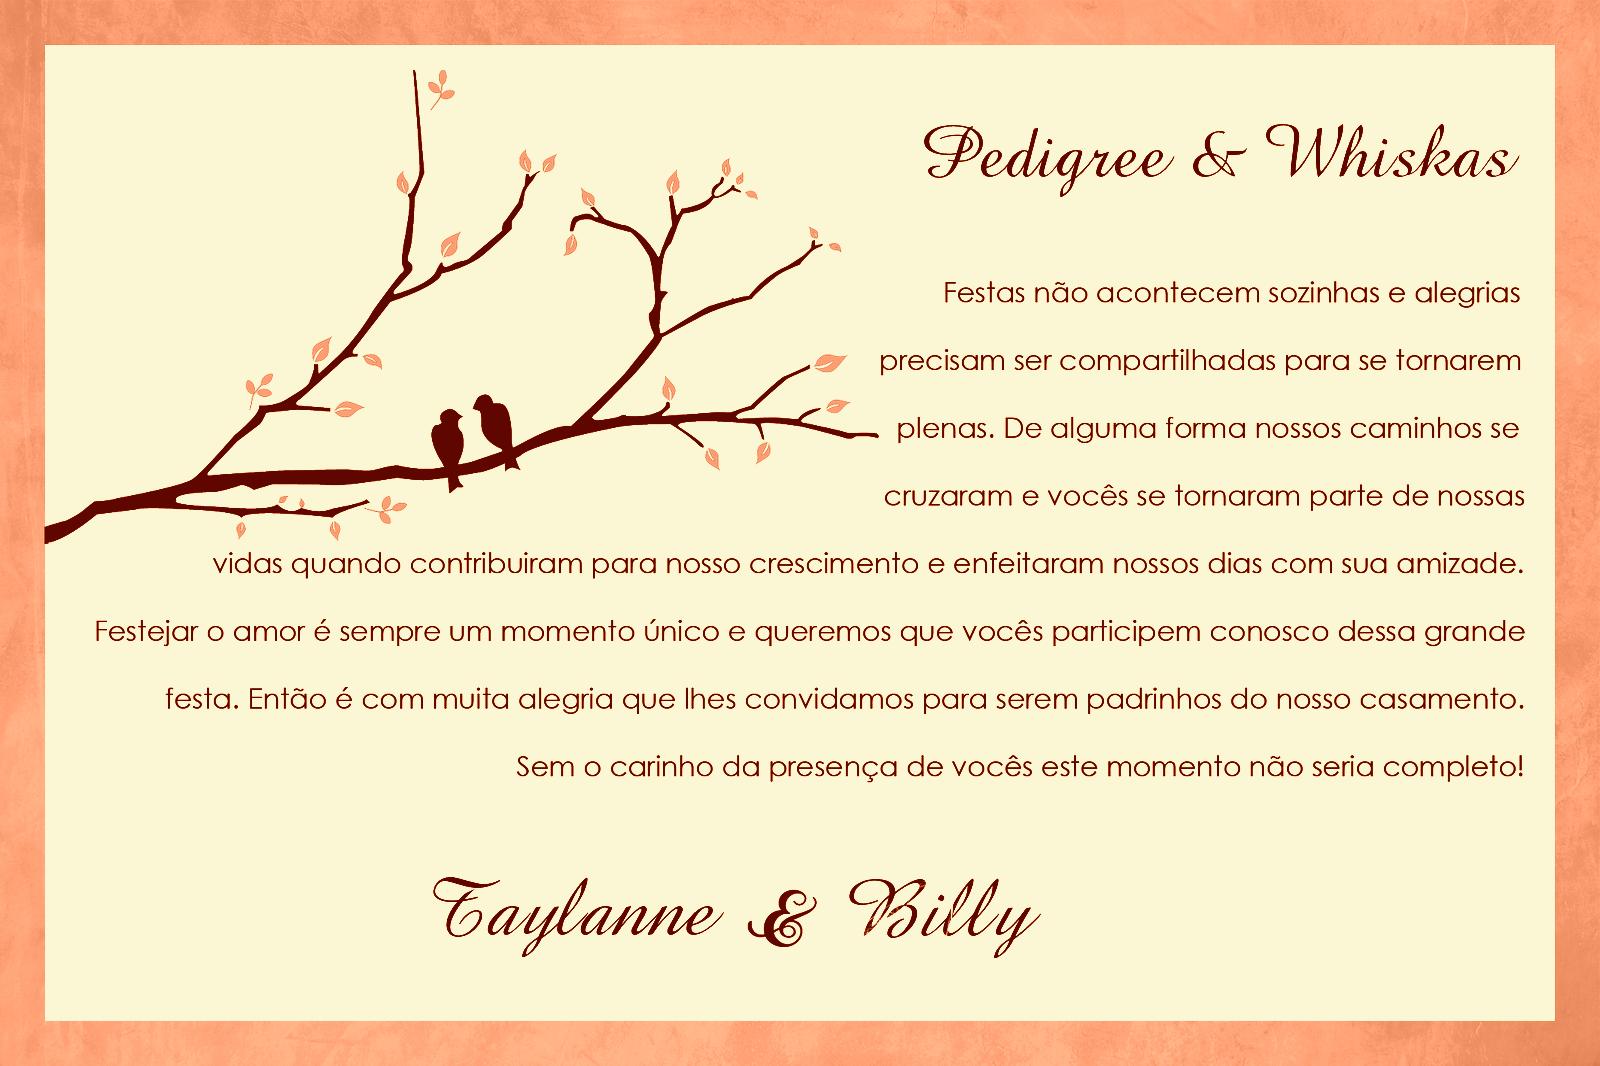 Mensagens Para Cartão De Casamento: Mensagens Padrinhos De Casamento